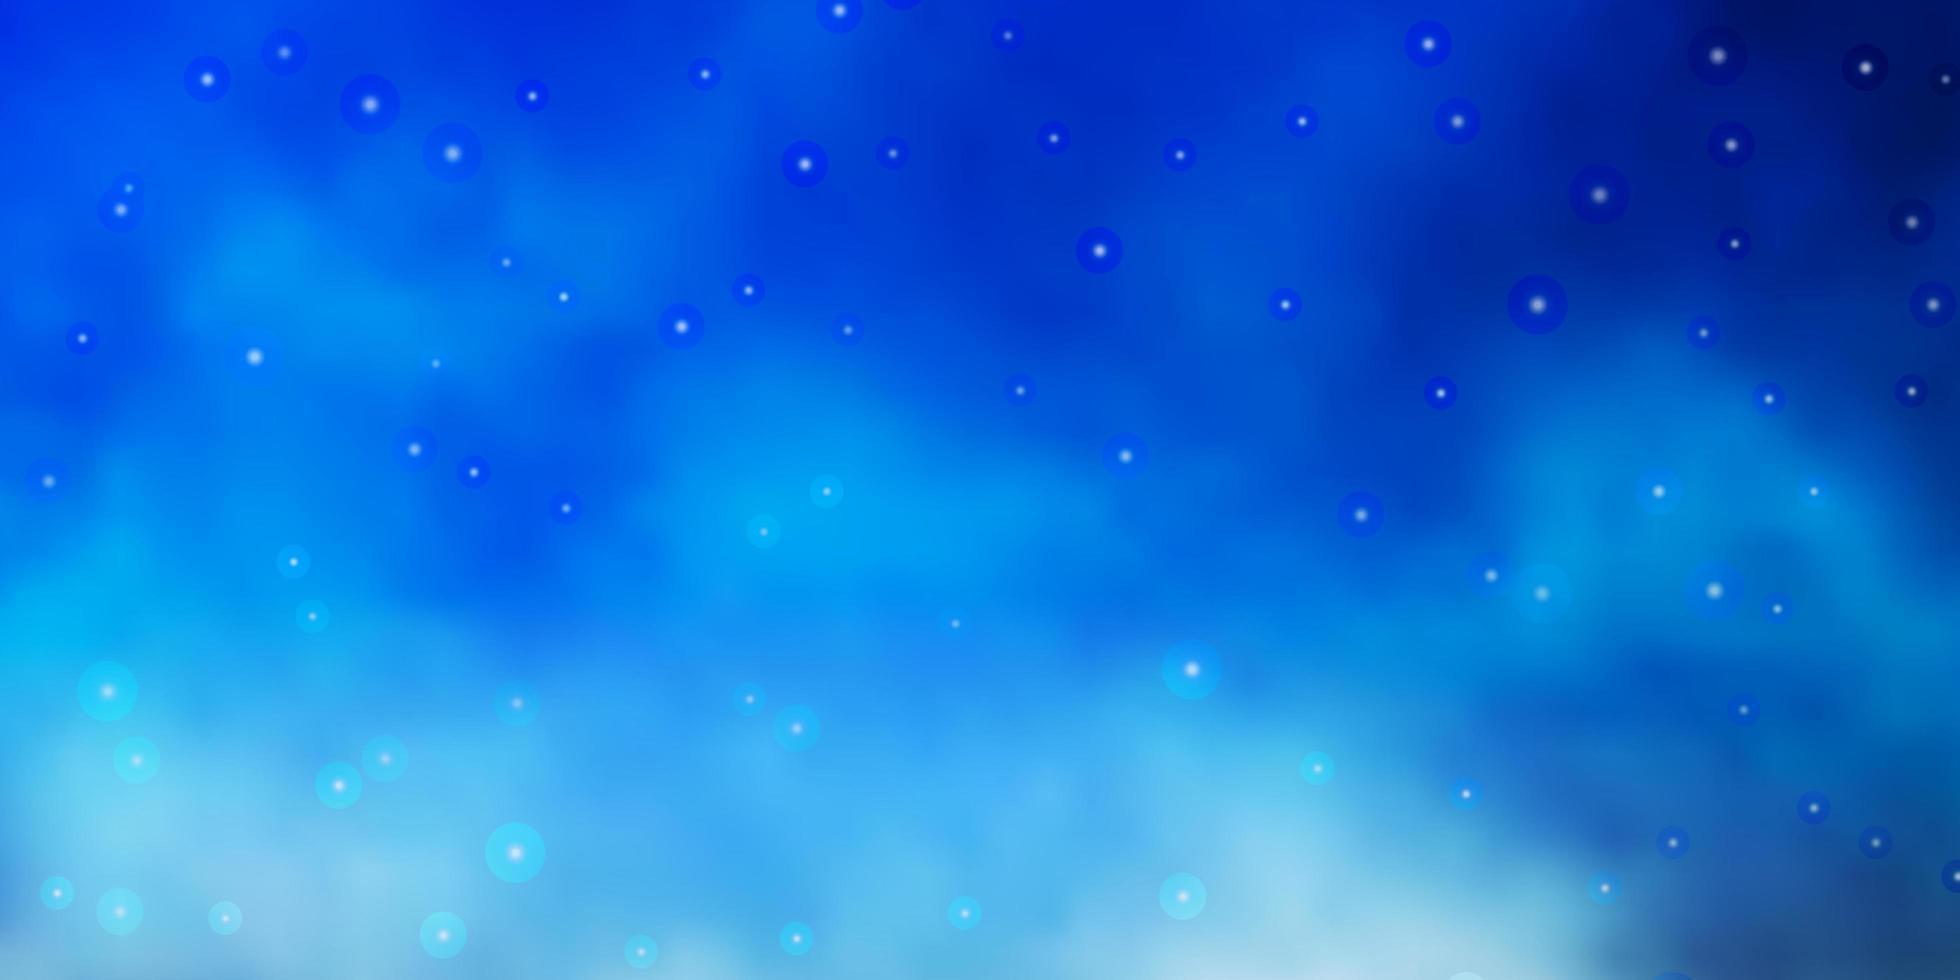 fond bleu avec des étoiles colorées. vecteur